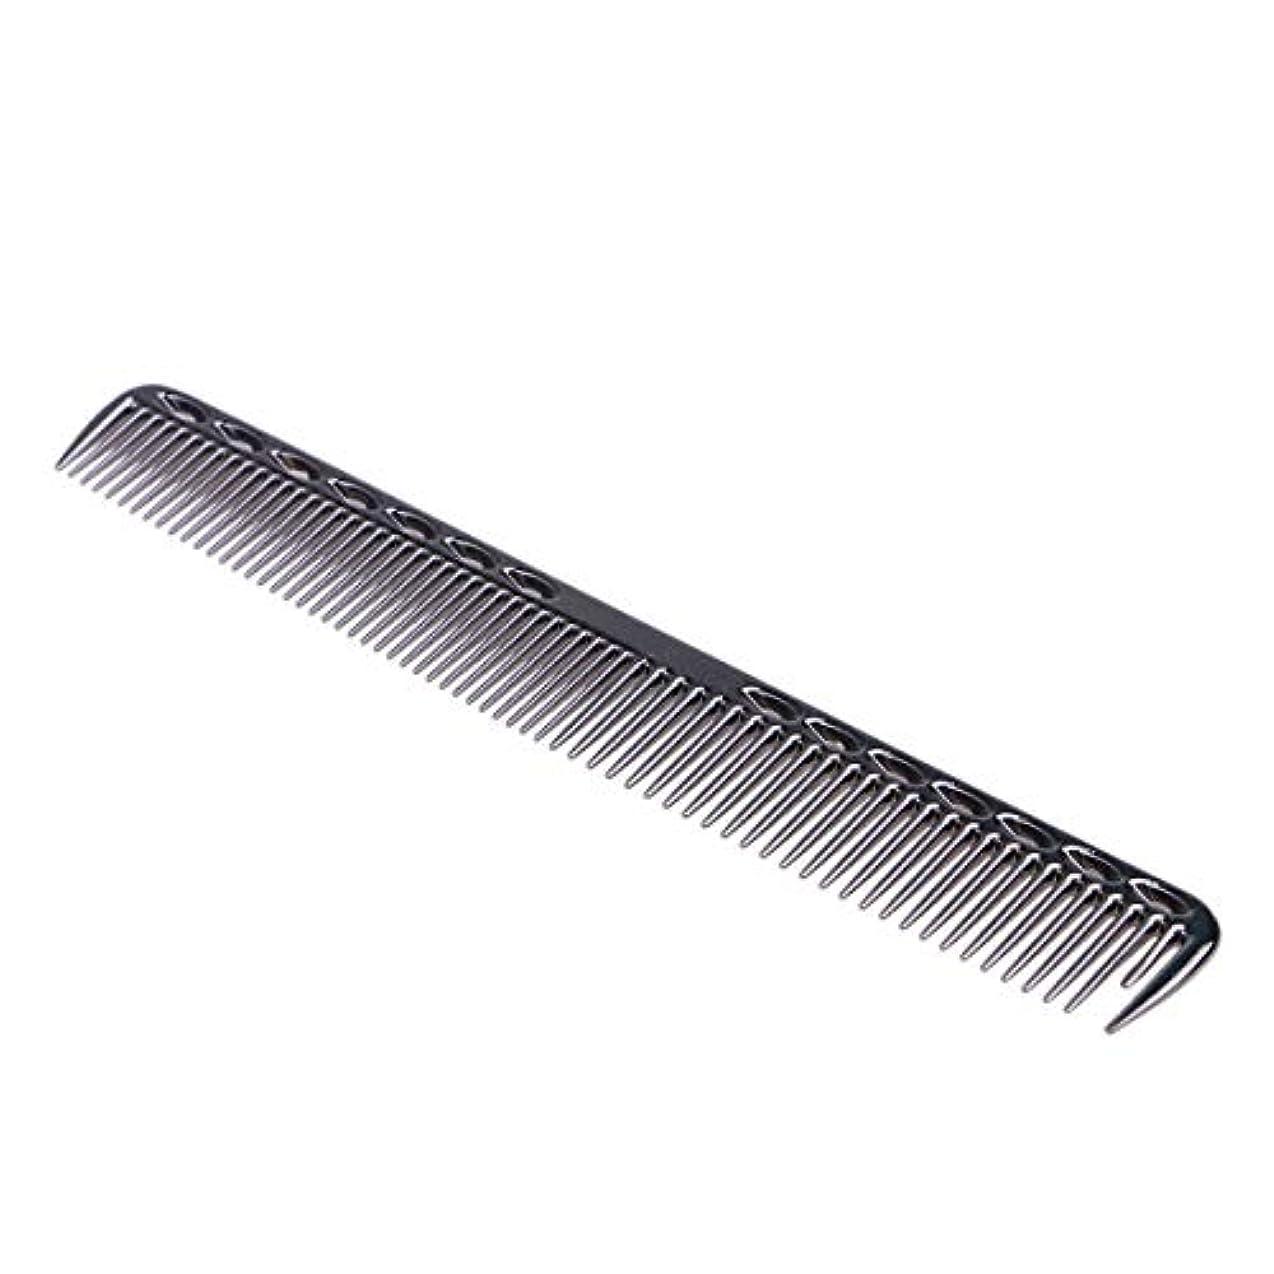 前部豆腐購入SUPVOX プロ用 髪切櫛 静電気防止 アルミ歯 美容師用 ヘアスタイリングツール